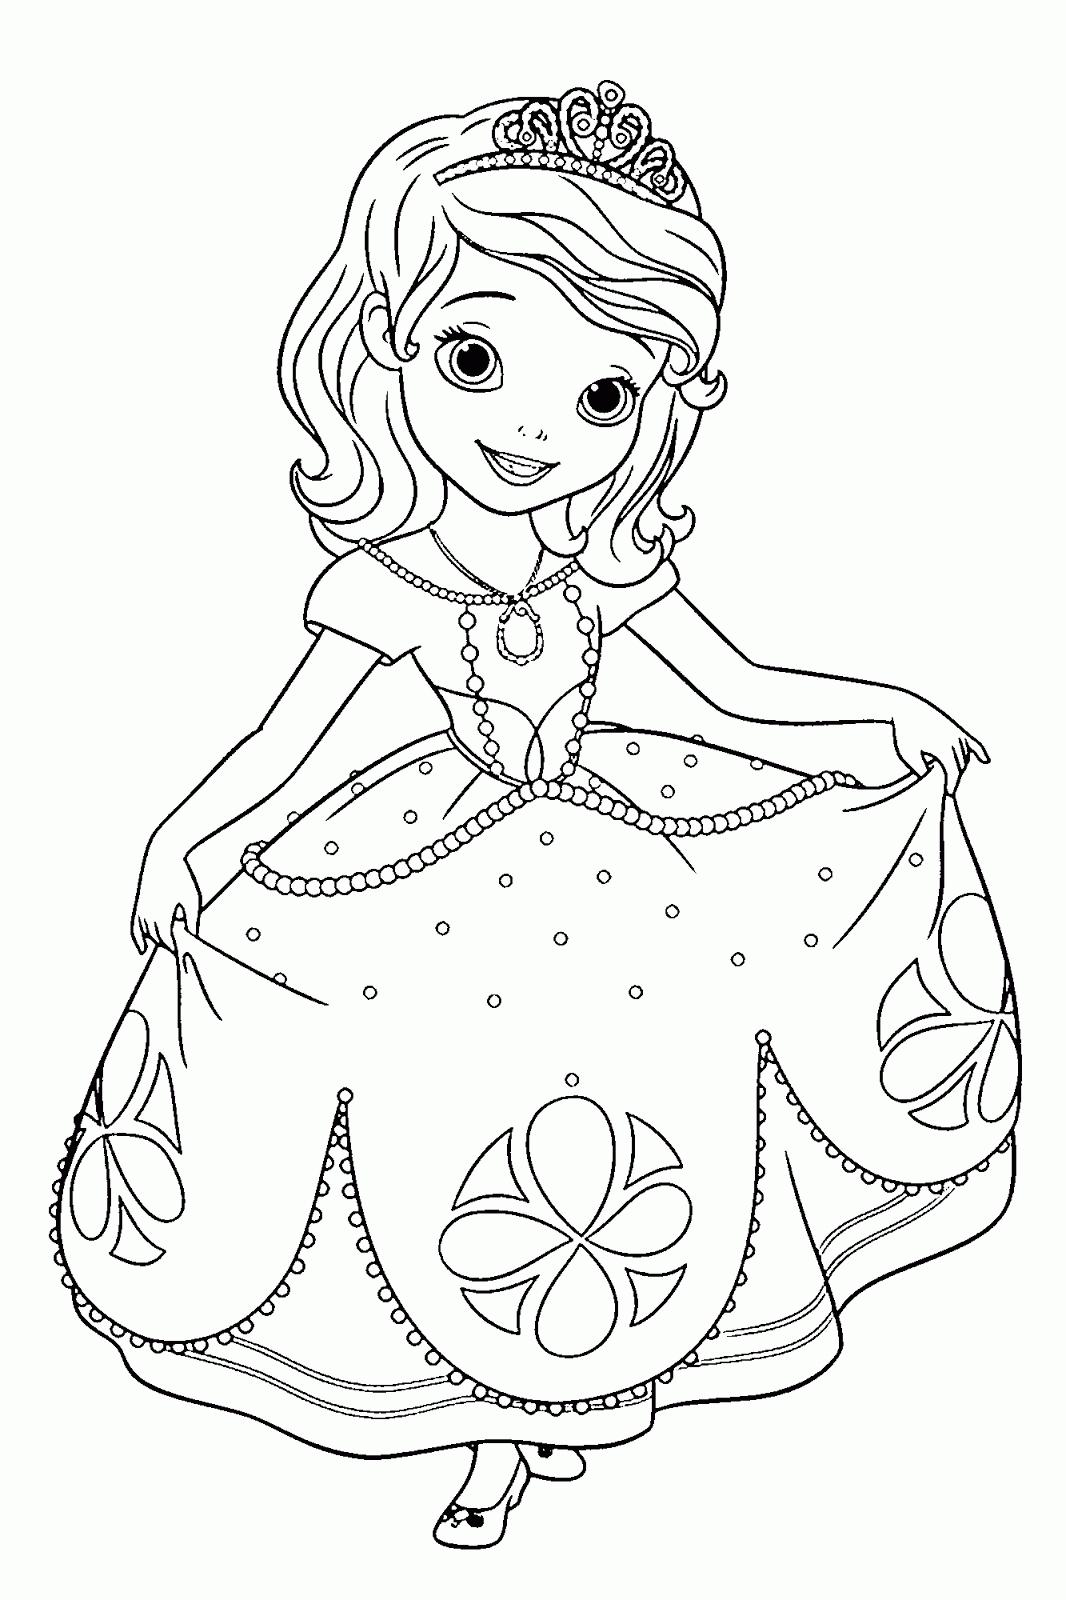 Dibujos De La Princesa Sofia Para Colorear Dibujos Disney